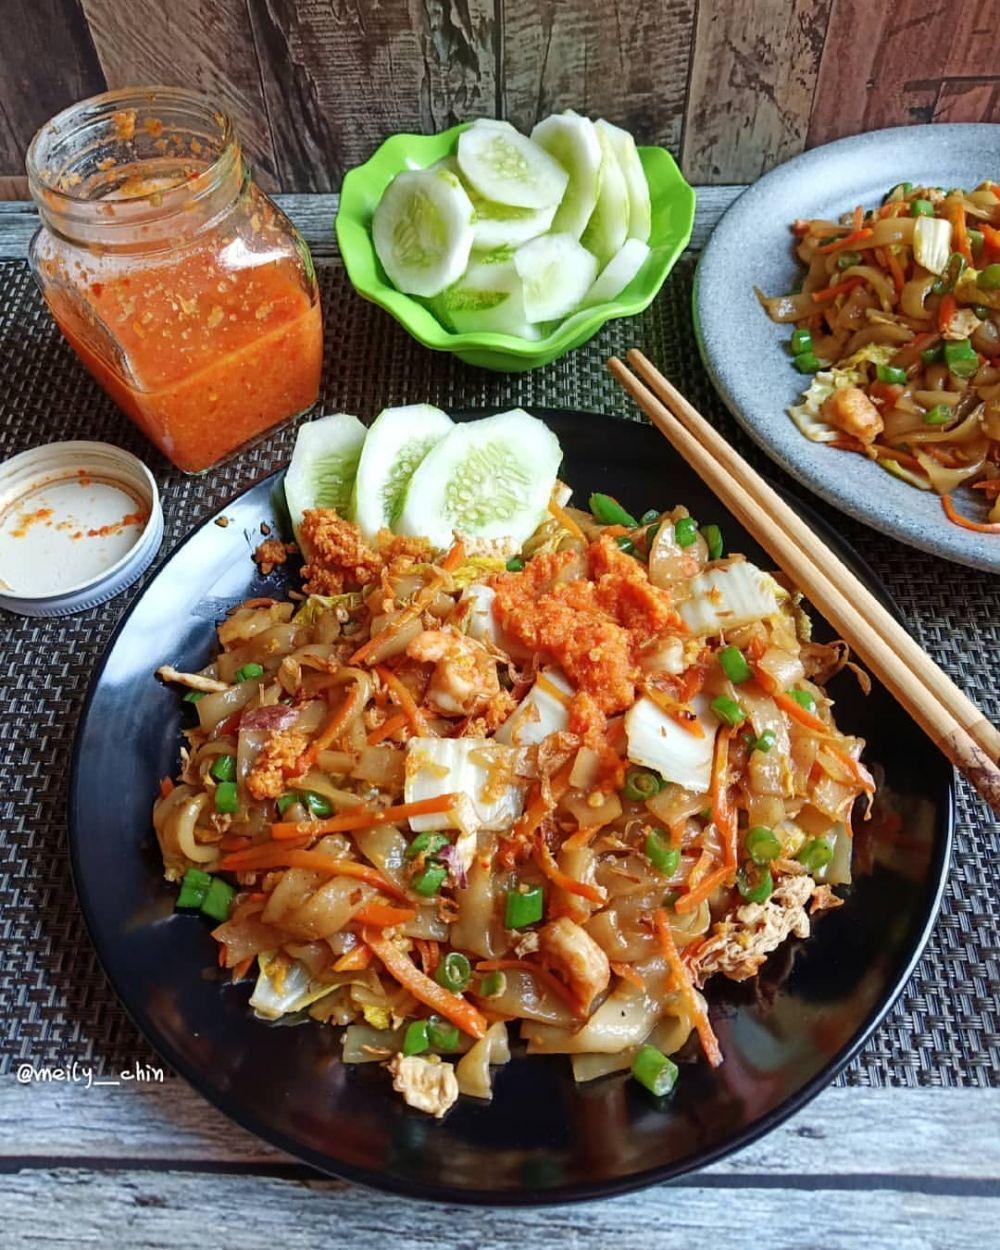 Masakan Ala Restoran Instagram Resep Masakan Masakan Resep Makanan Sehat